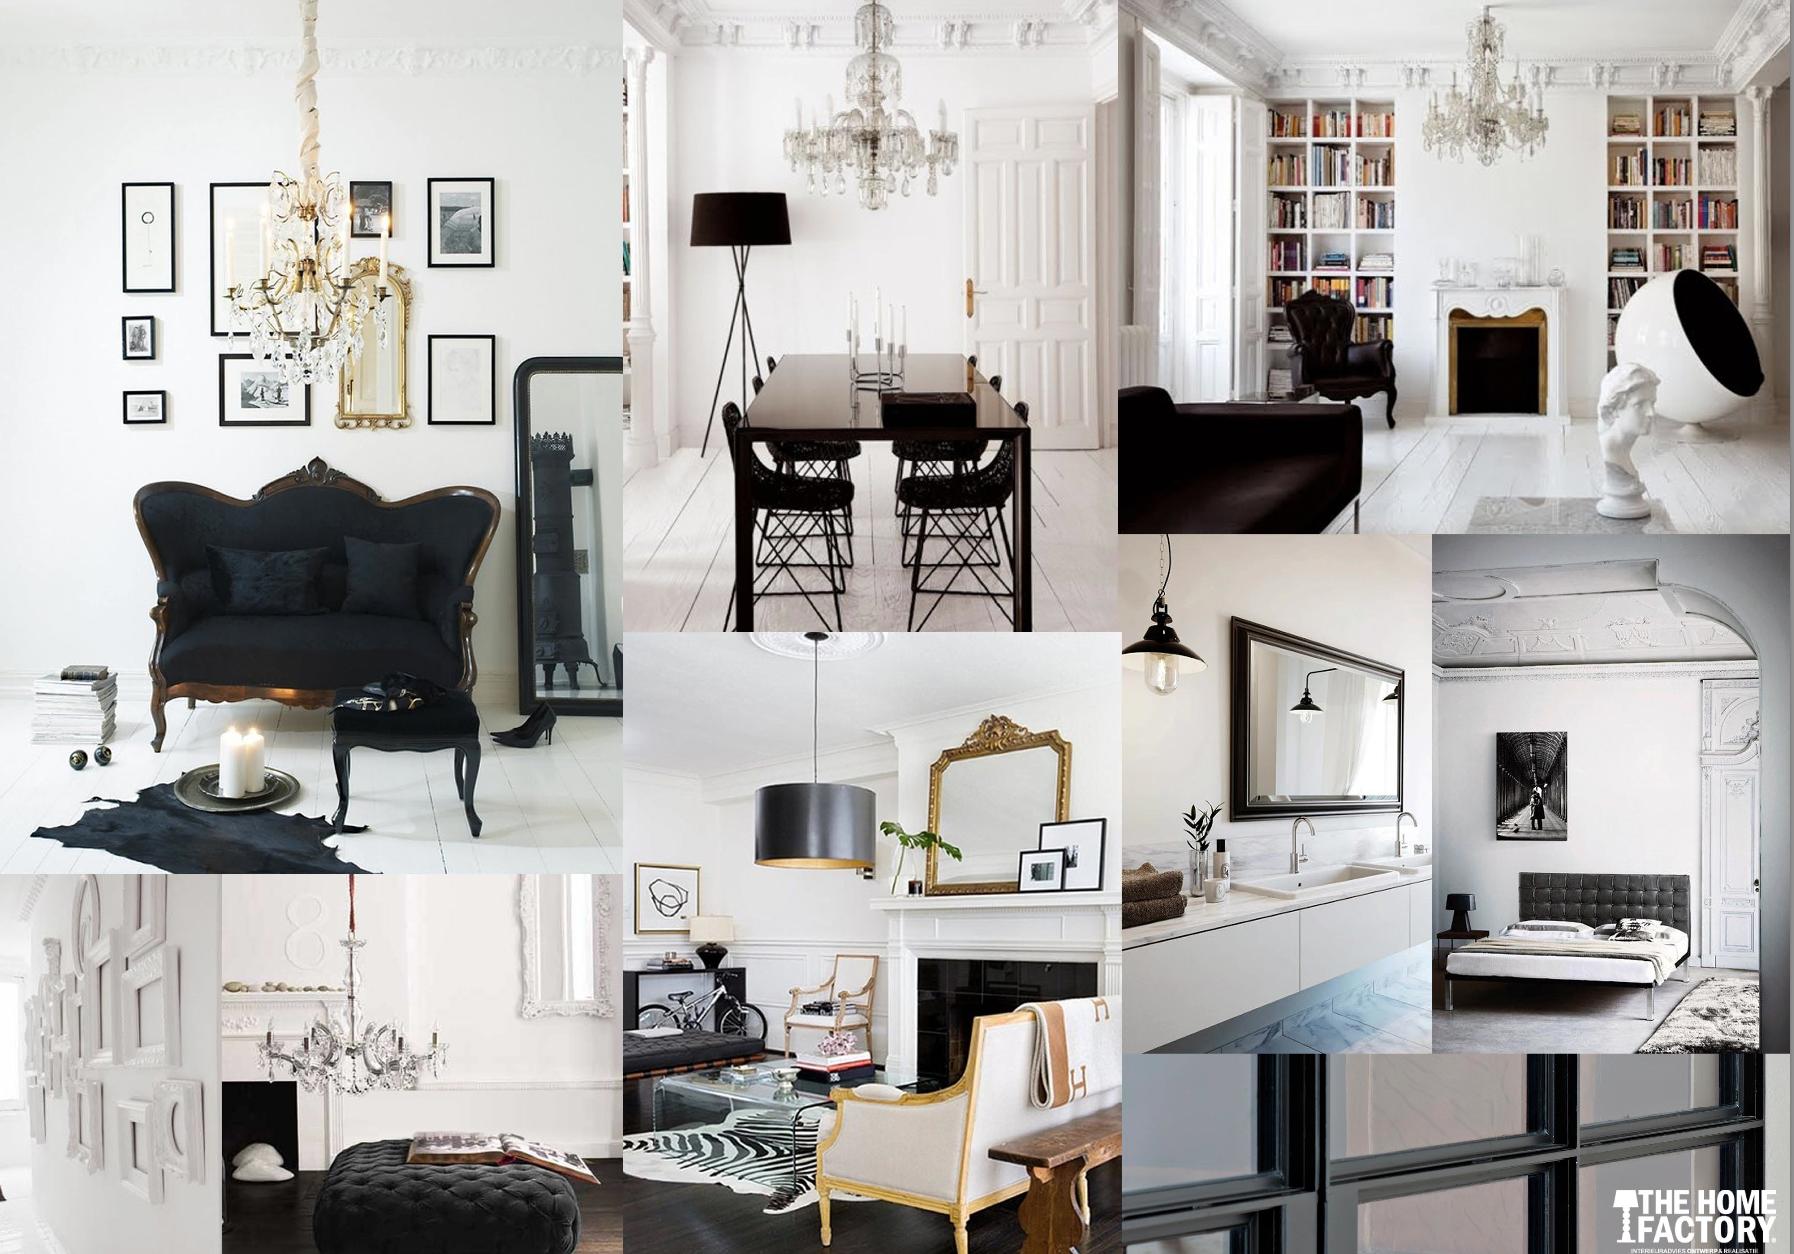 Klassiek on pinterest industrial living rooms vans and for Klassiek en modern interieur combineren